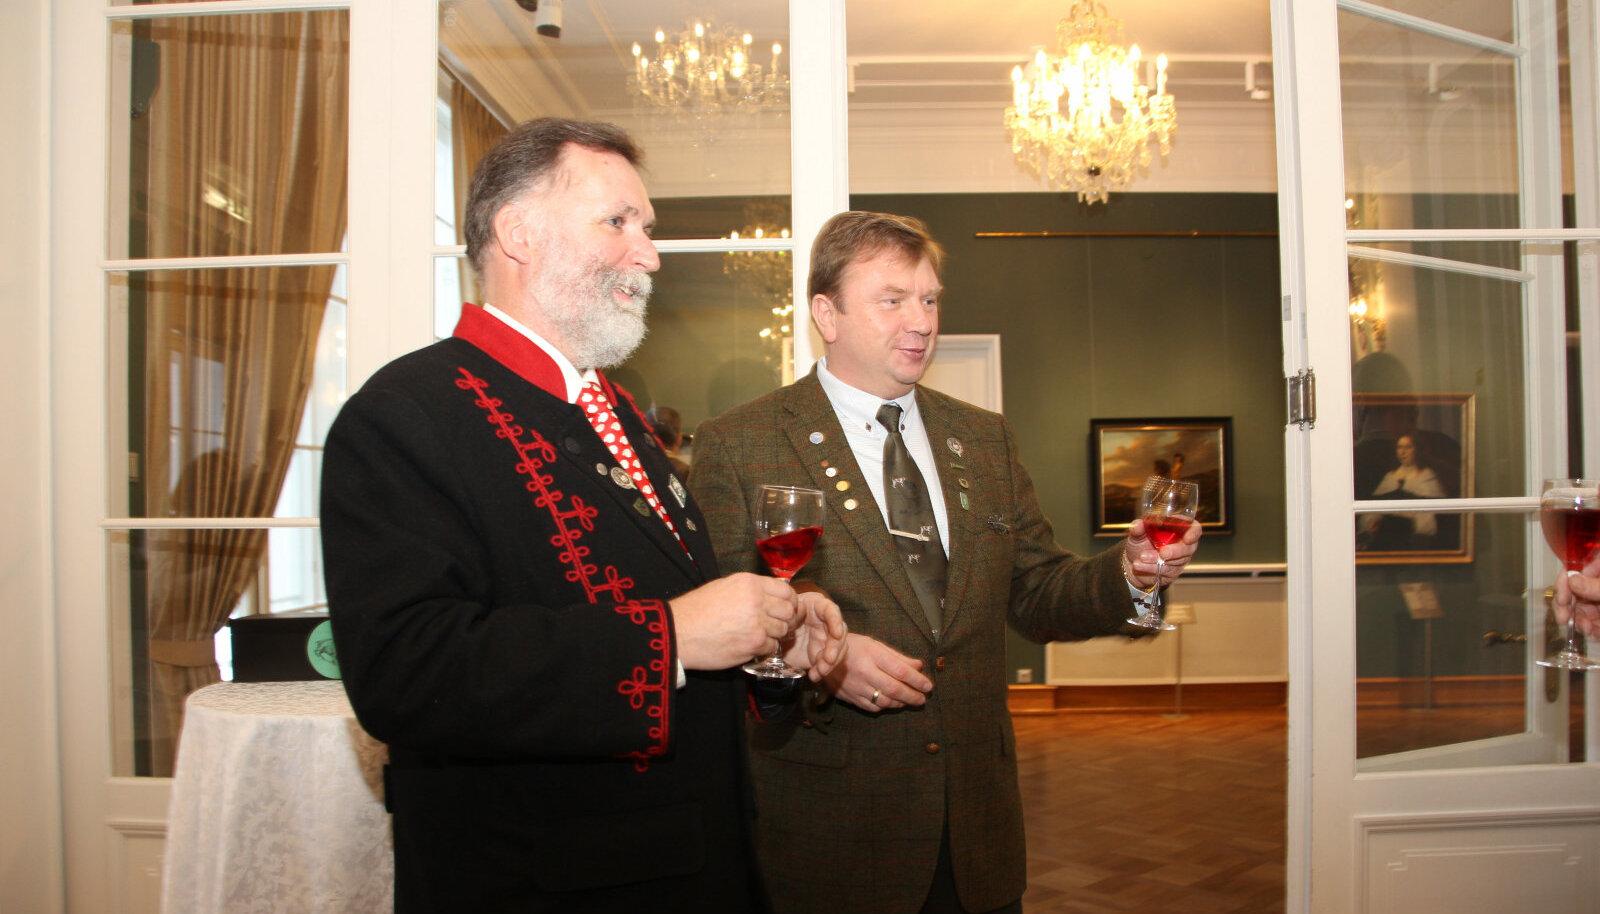 EJS avas eile, tõnisepäeval, sünnipäeva-aasta tänupeoga Kadrioru lossis, kuhu oli kutsutud hulganisti külalisi nii seltsi liikmete kui ka koostööpartnerite seast. Külalisi tervitavad EJS juhid Tõnis Korts ja Margus Puust.